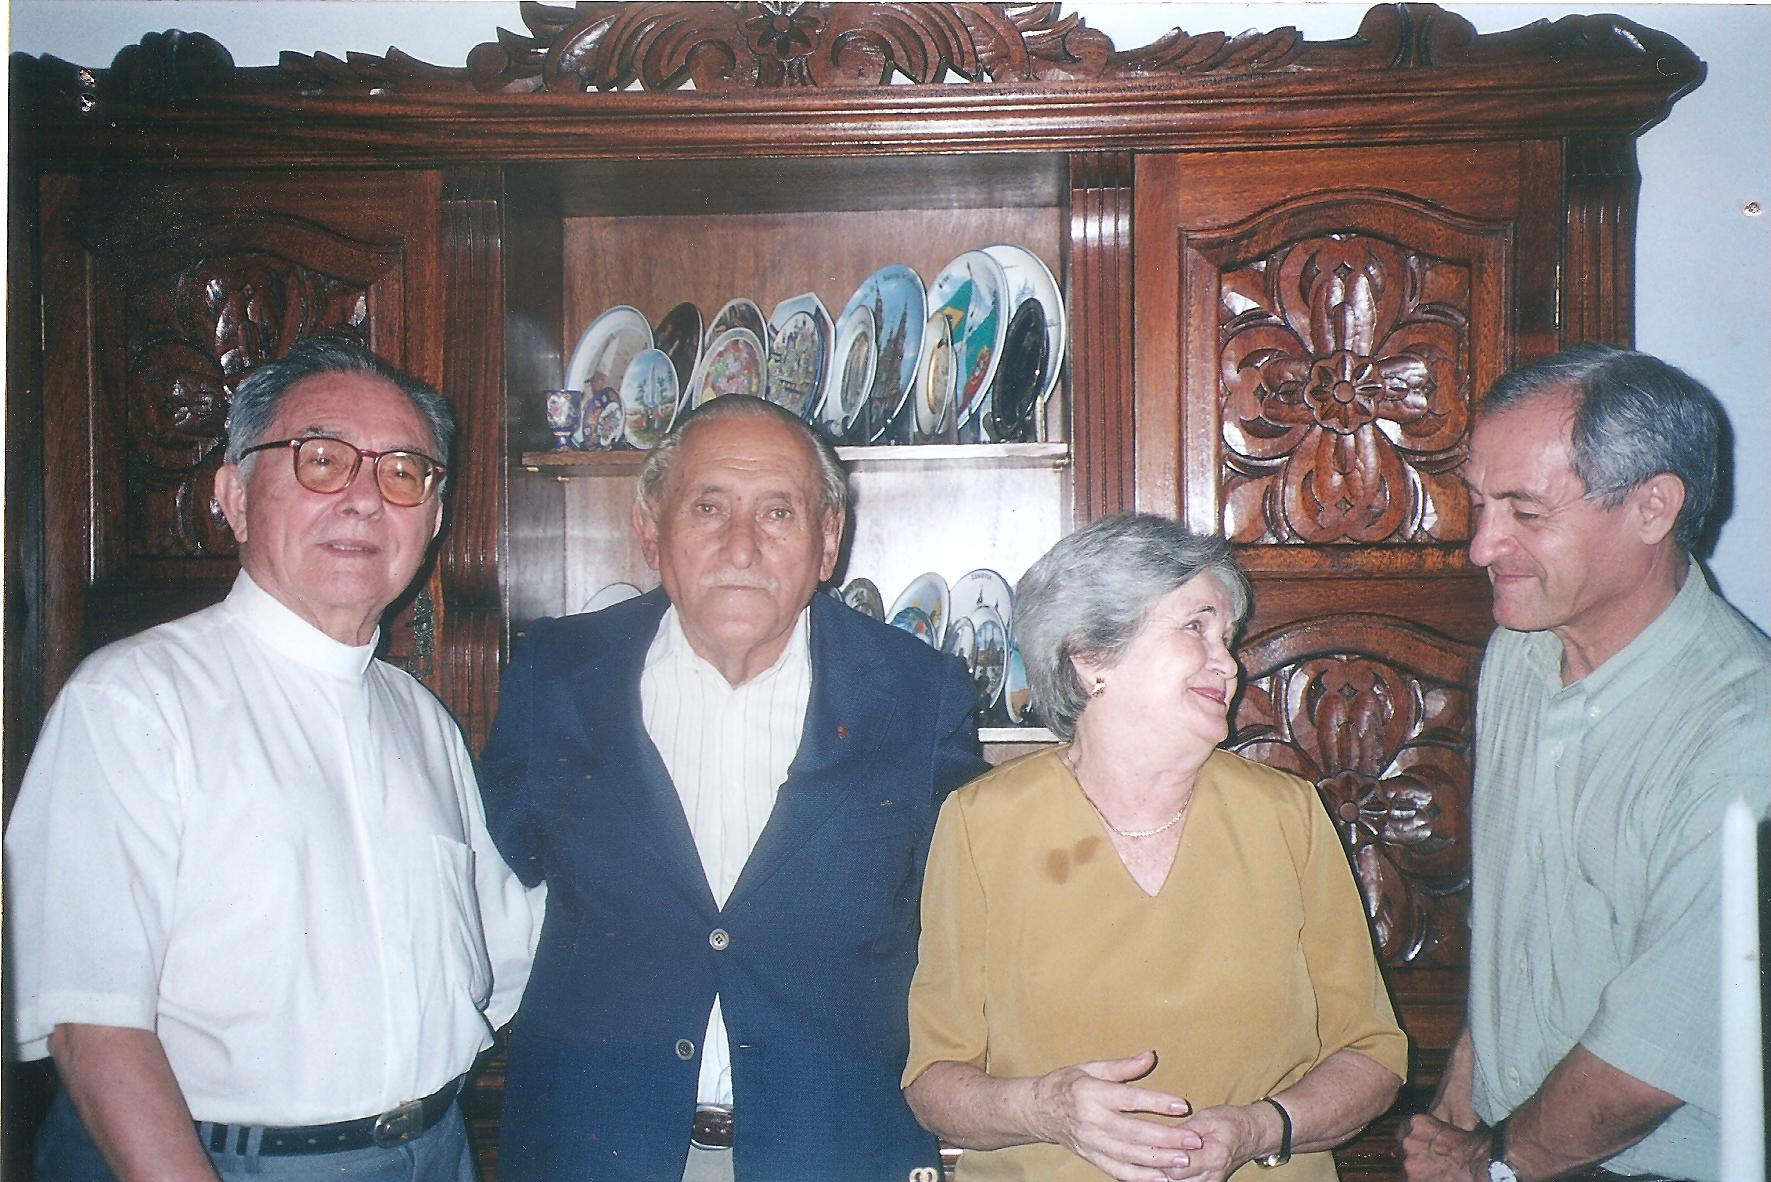 A Bodas Pe Jose e Joaquim 001